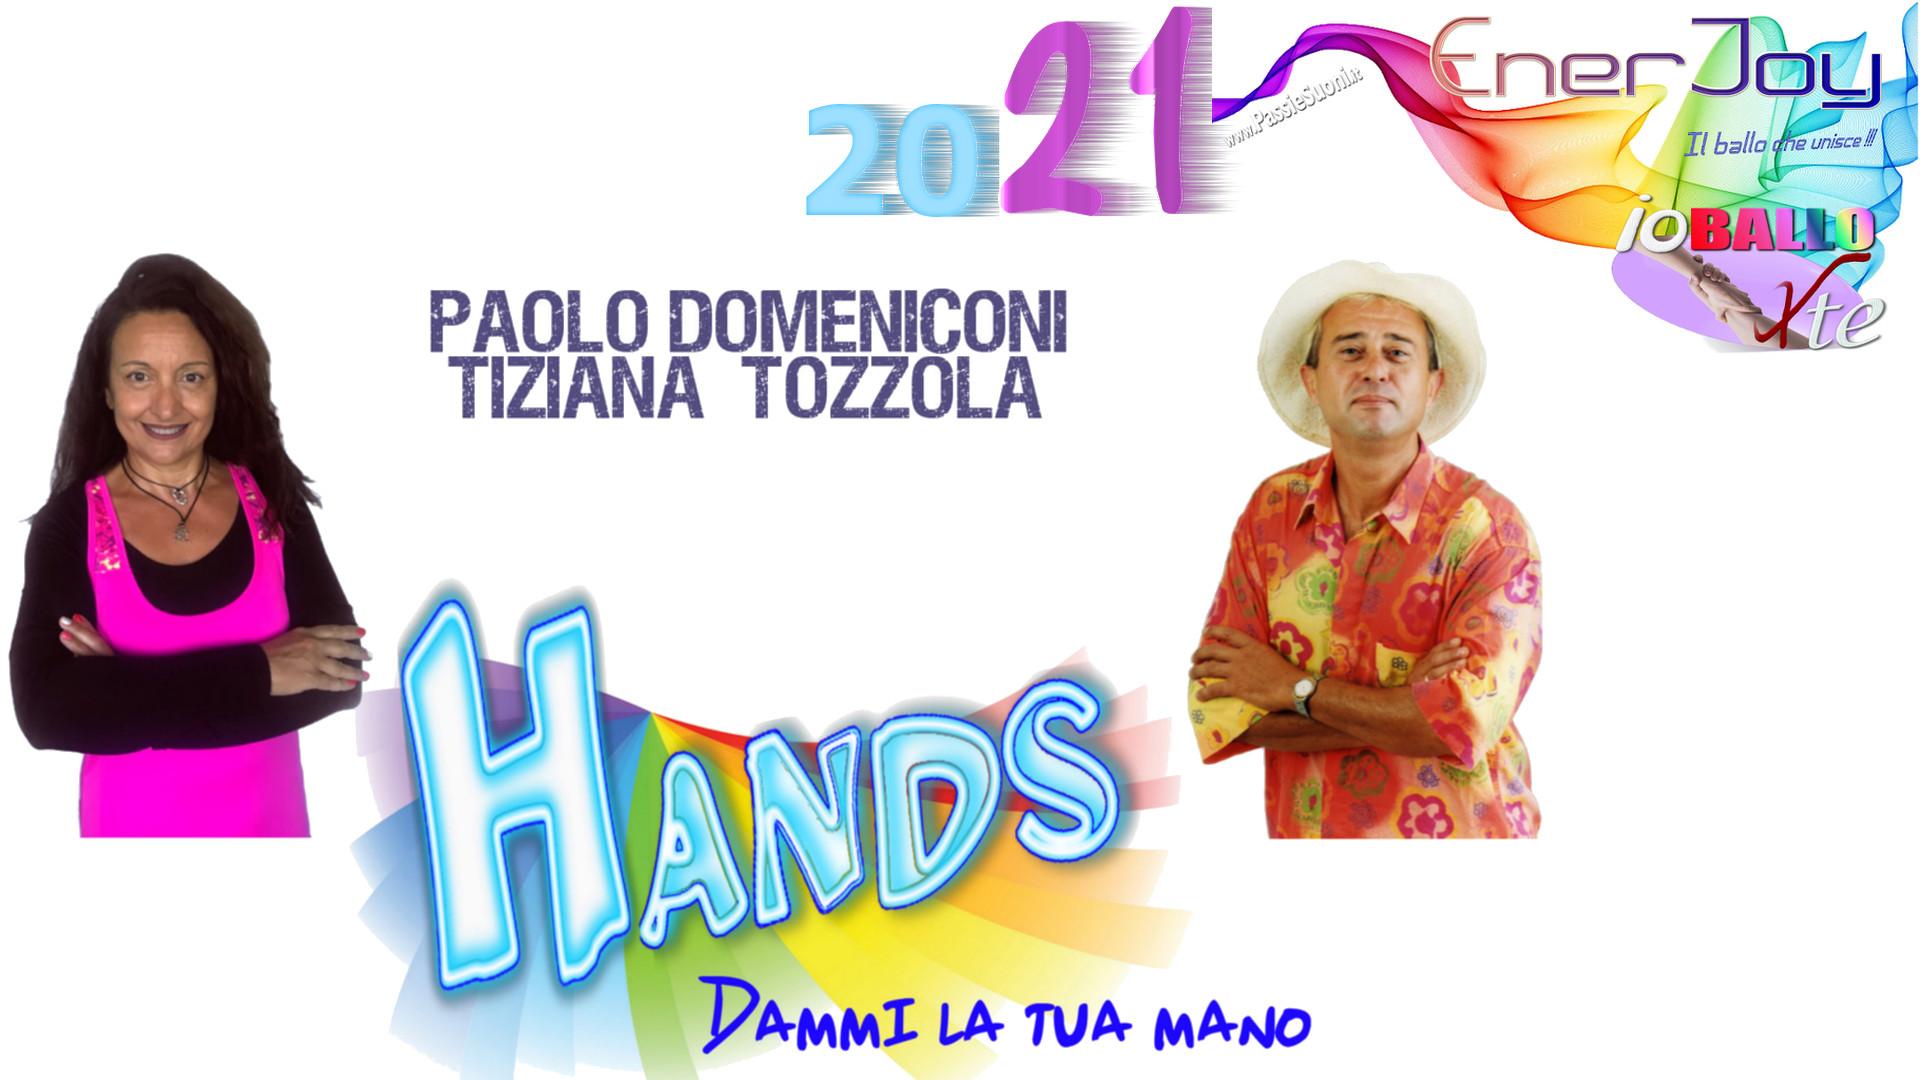 Enerjoy 2021 io ballo per te il ballo che unisce Hands dammi la tua mano 2021